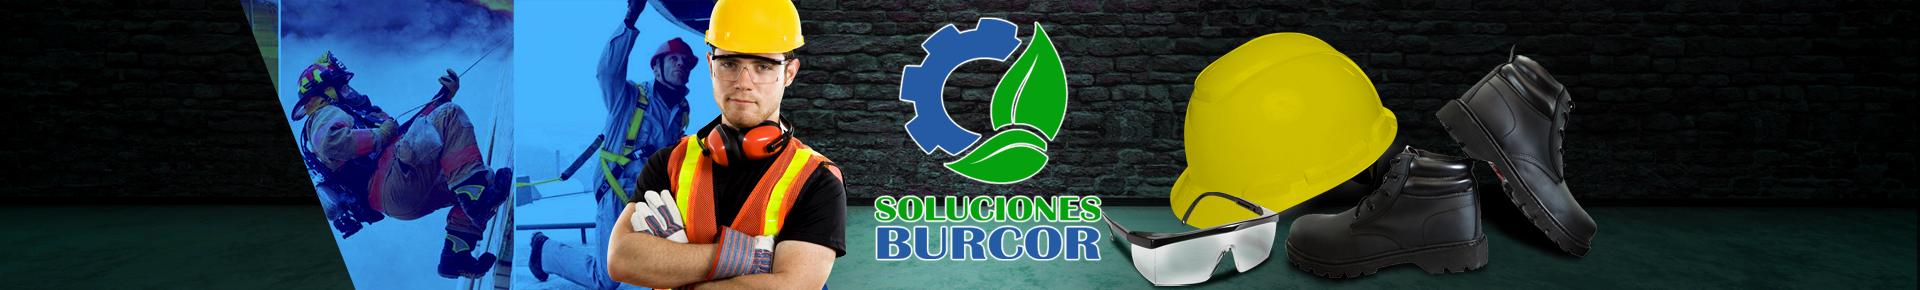 Soluciones Burcor S.A.C